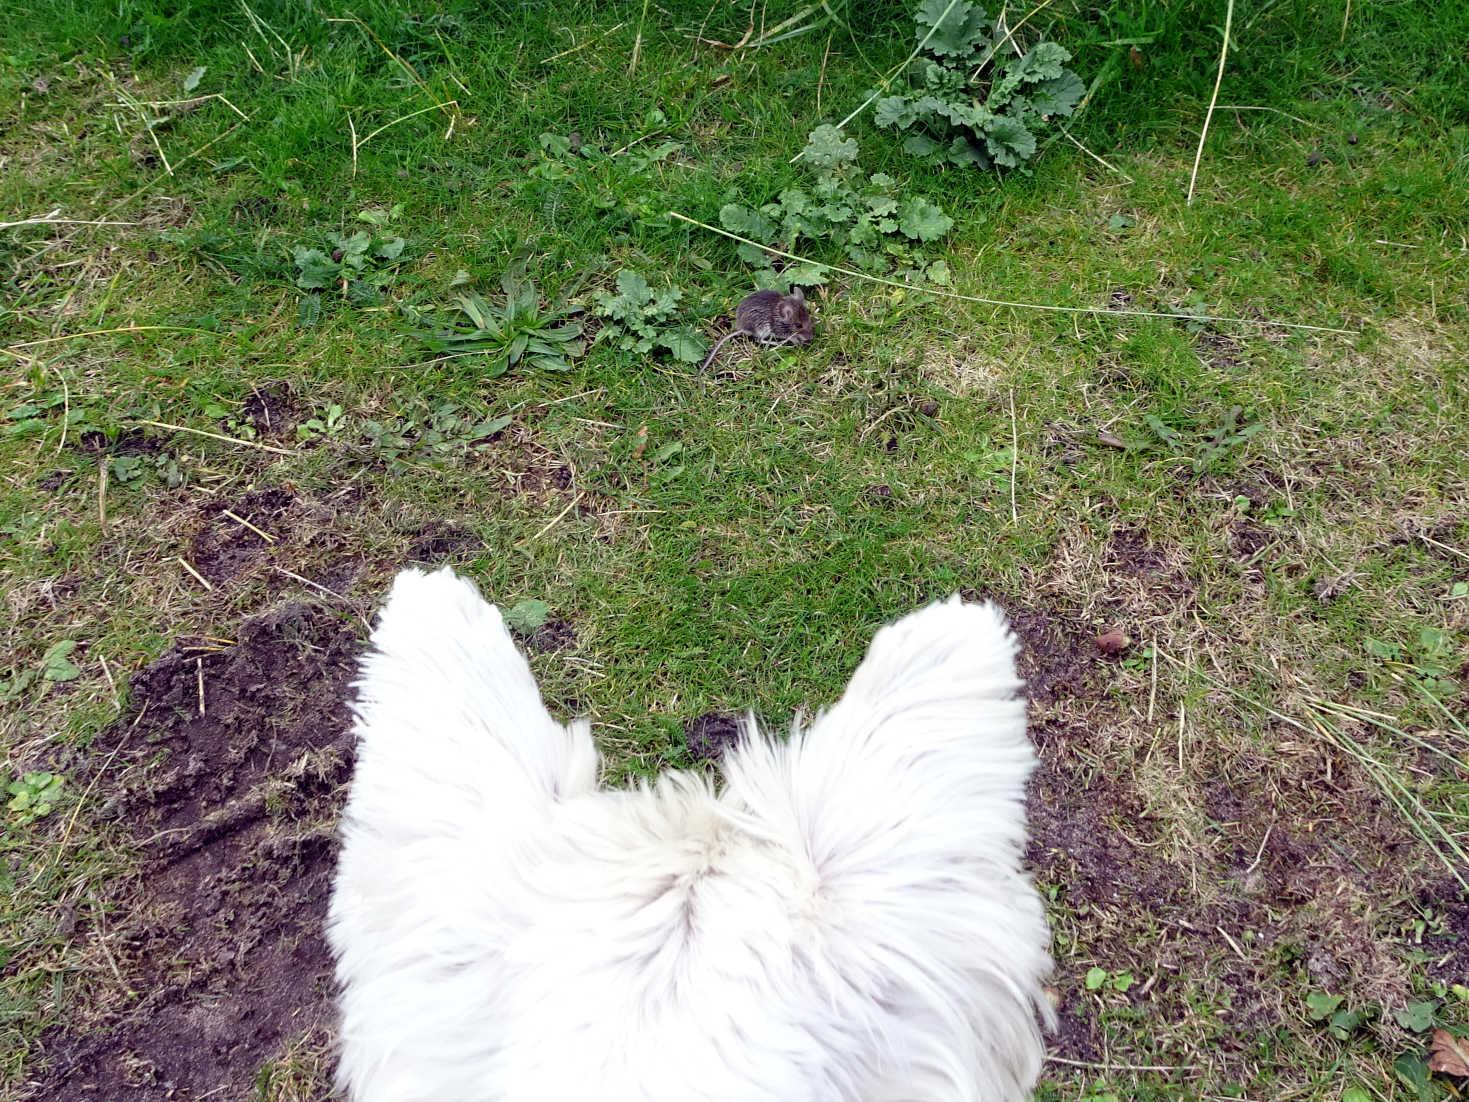 poppy the westie spots an intruder